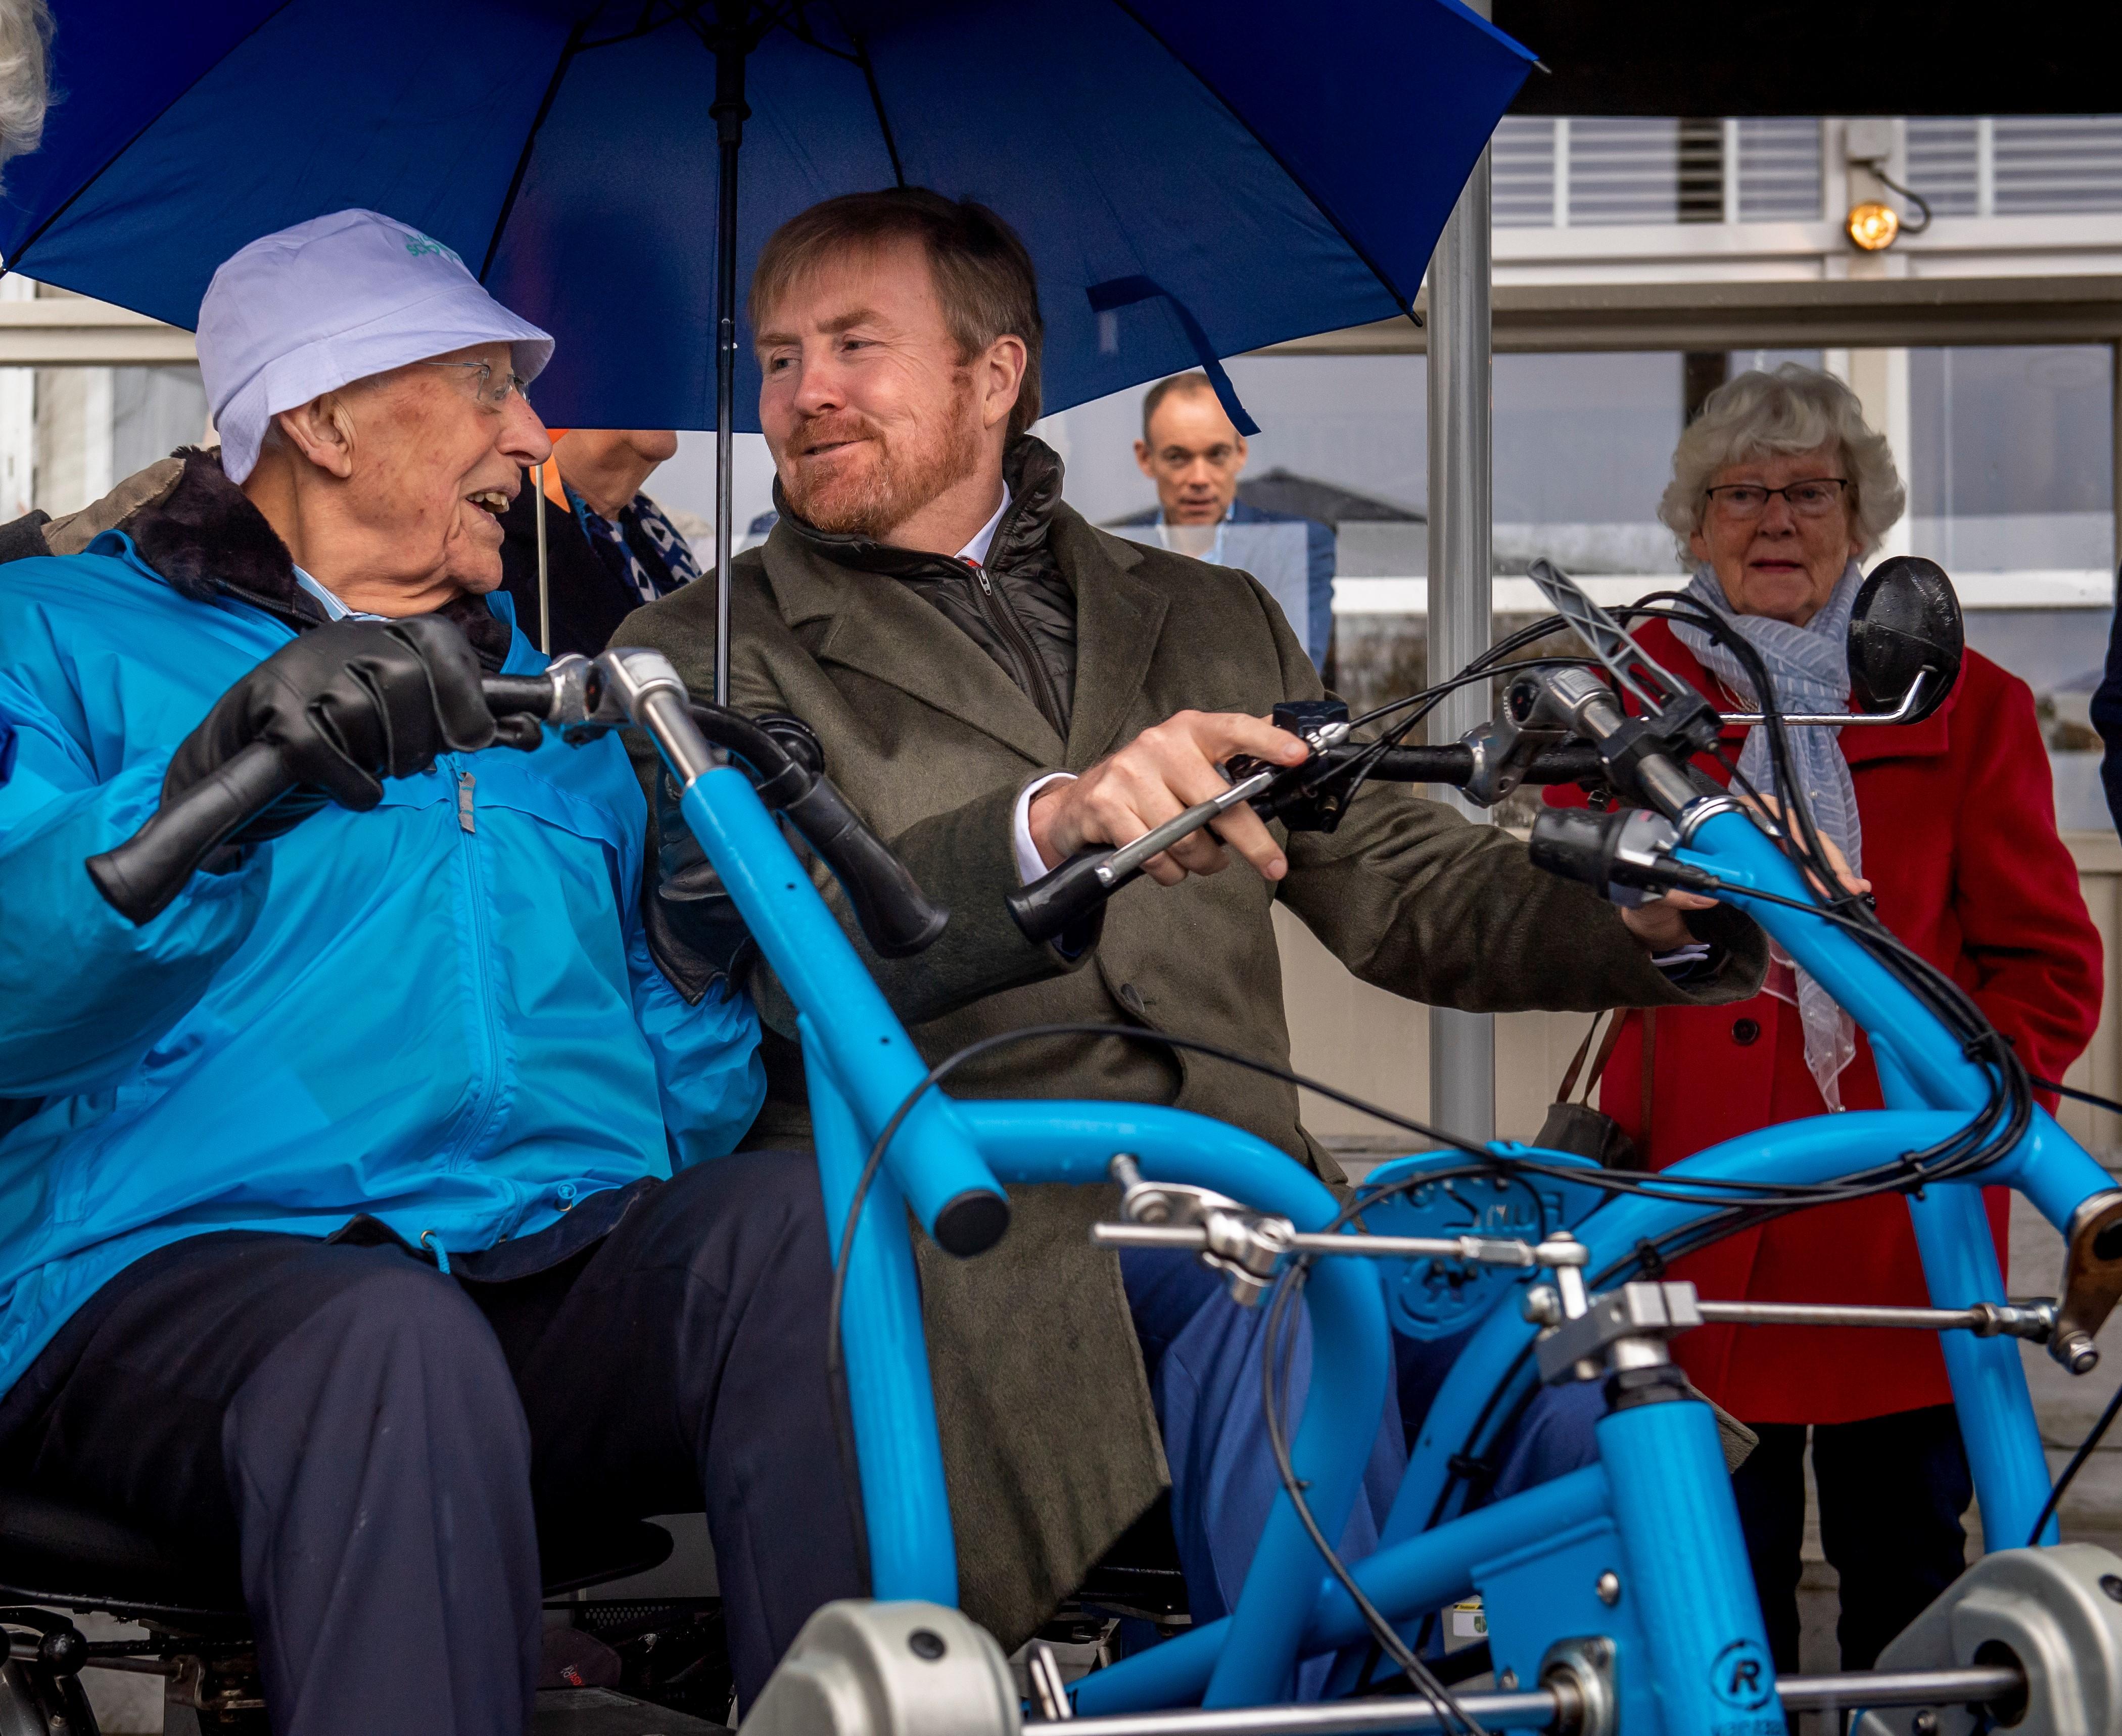 Koning op verrassingsbezoek bij Stichting Fietsmaatjes in Warmond